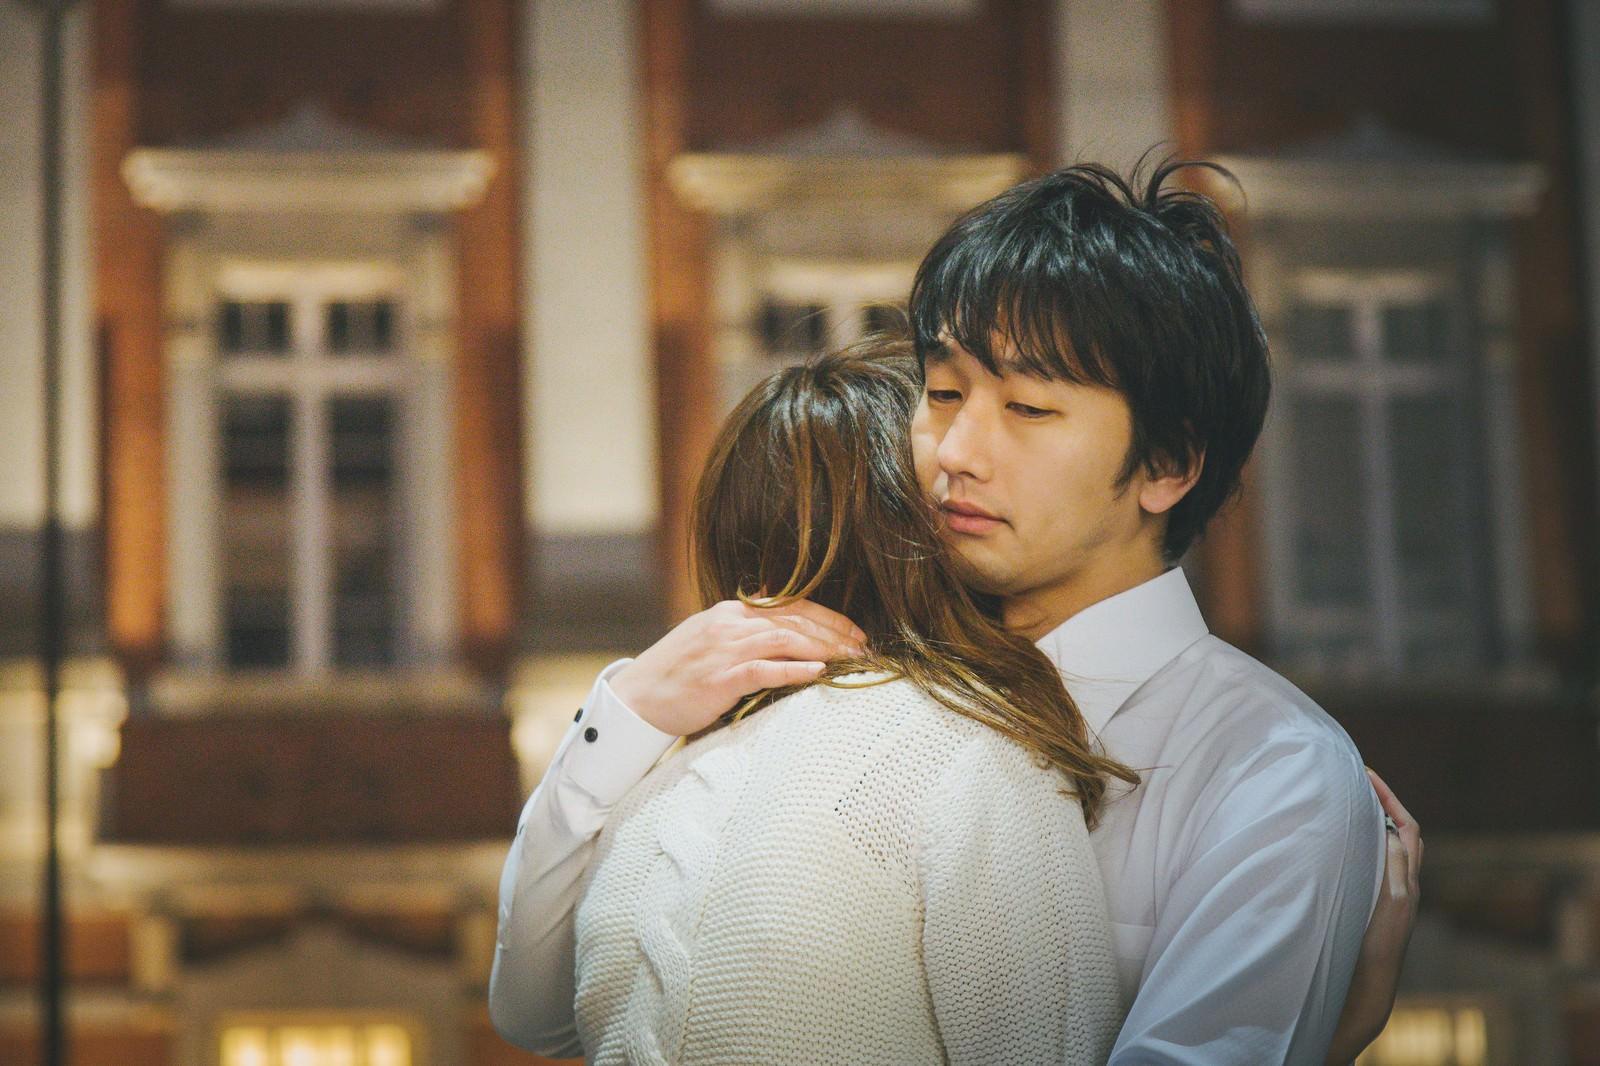 「彼女との別れを惜しむ彼氏」の写真[モデル:大川竜弥]